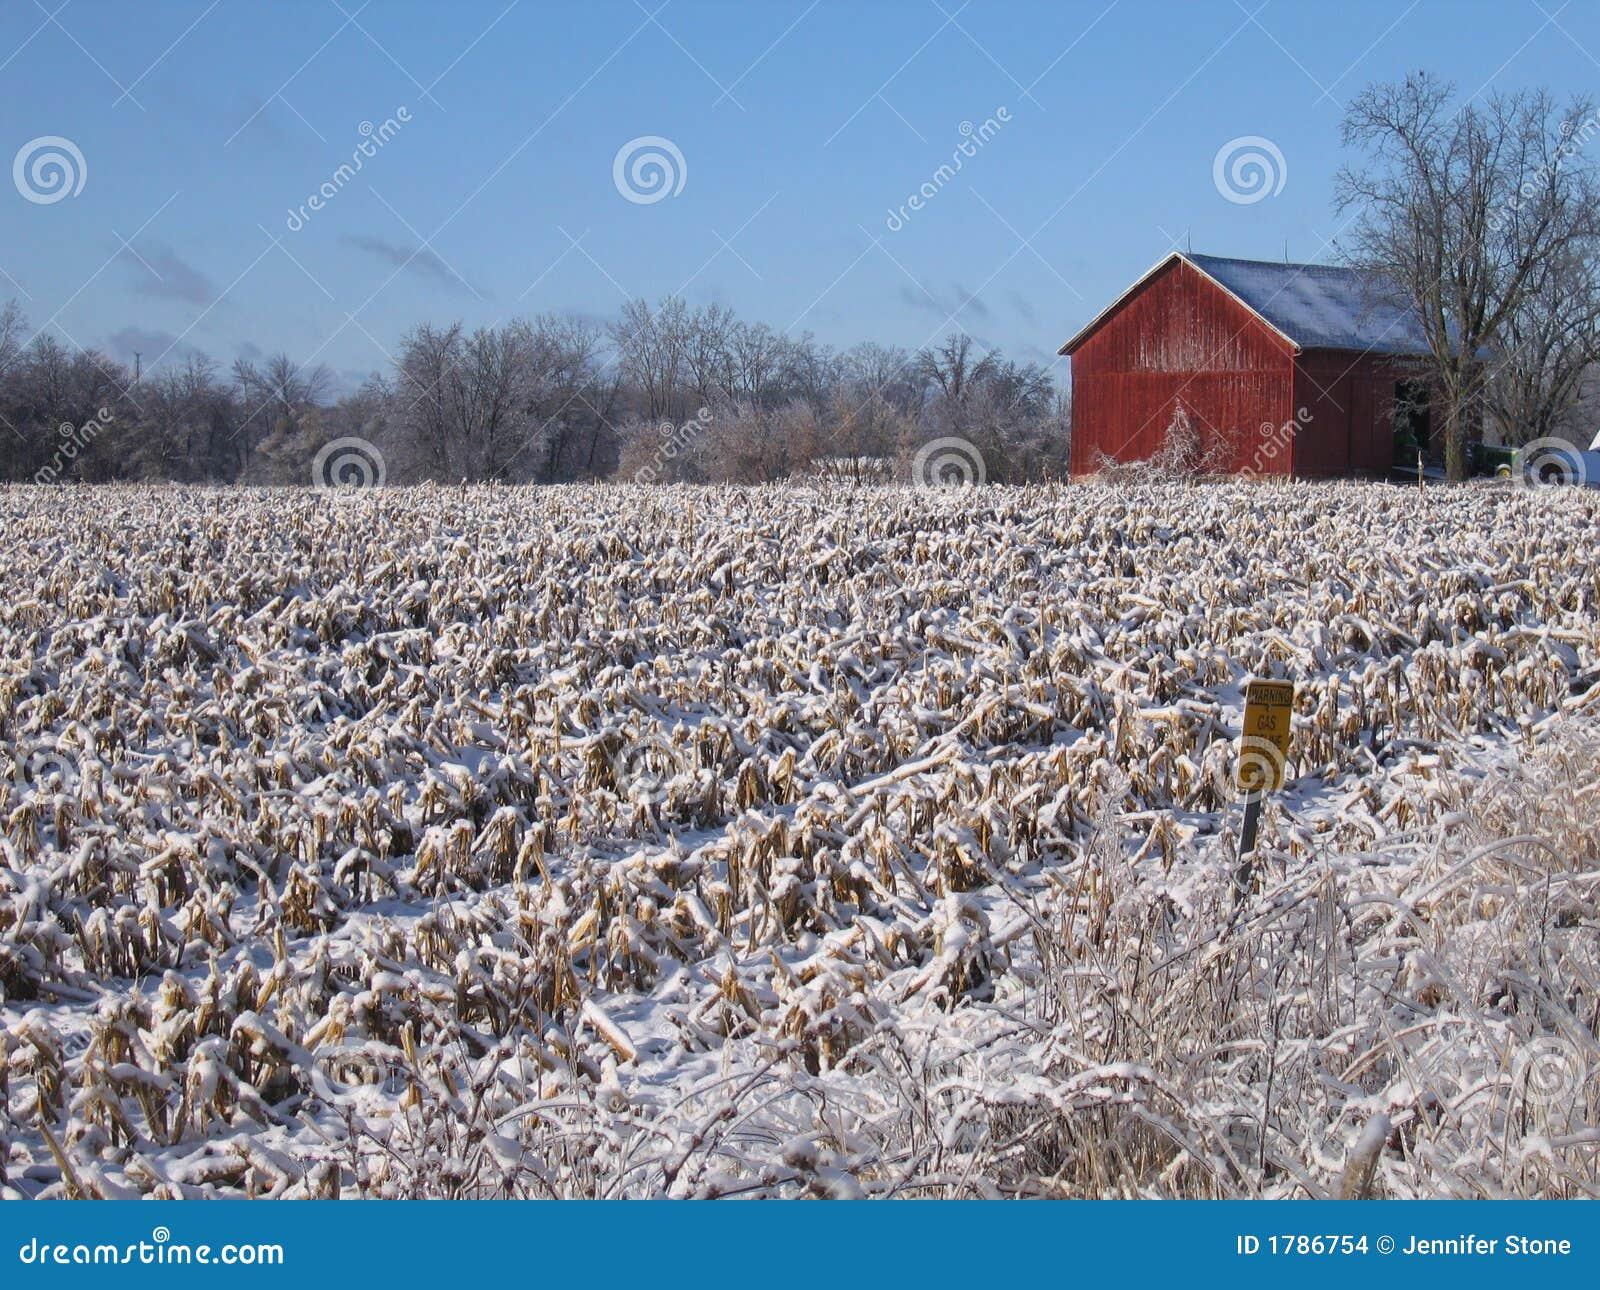 Red Barn in Snowy Field